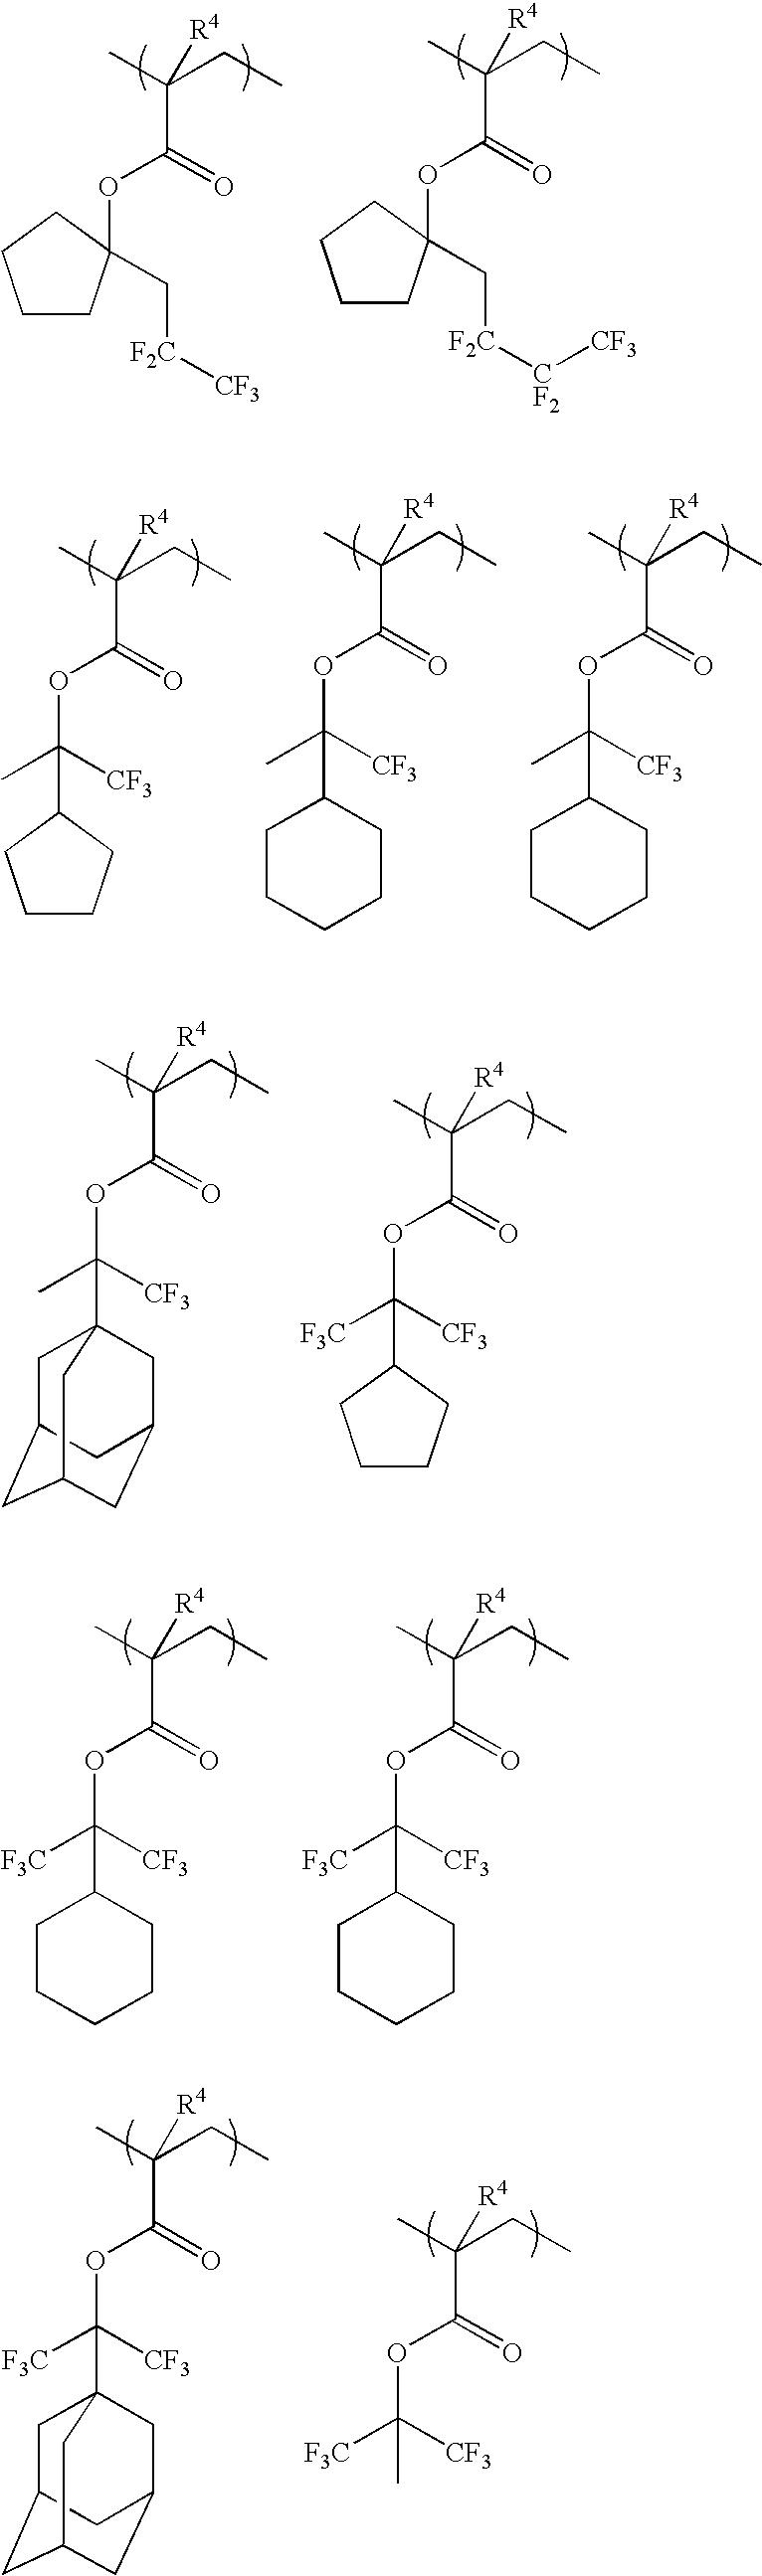 Figure US20070231738A1-20071004-C00018